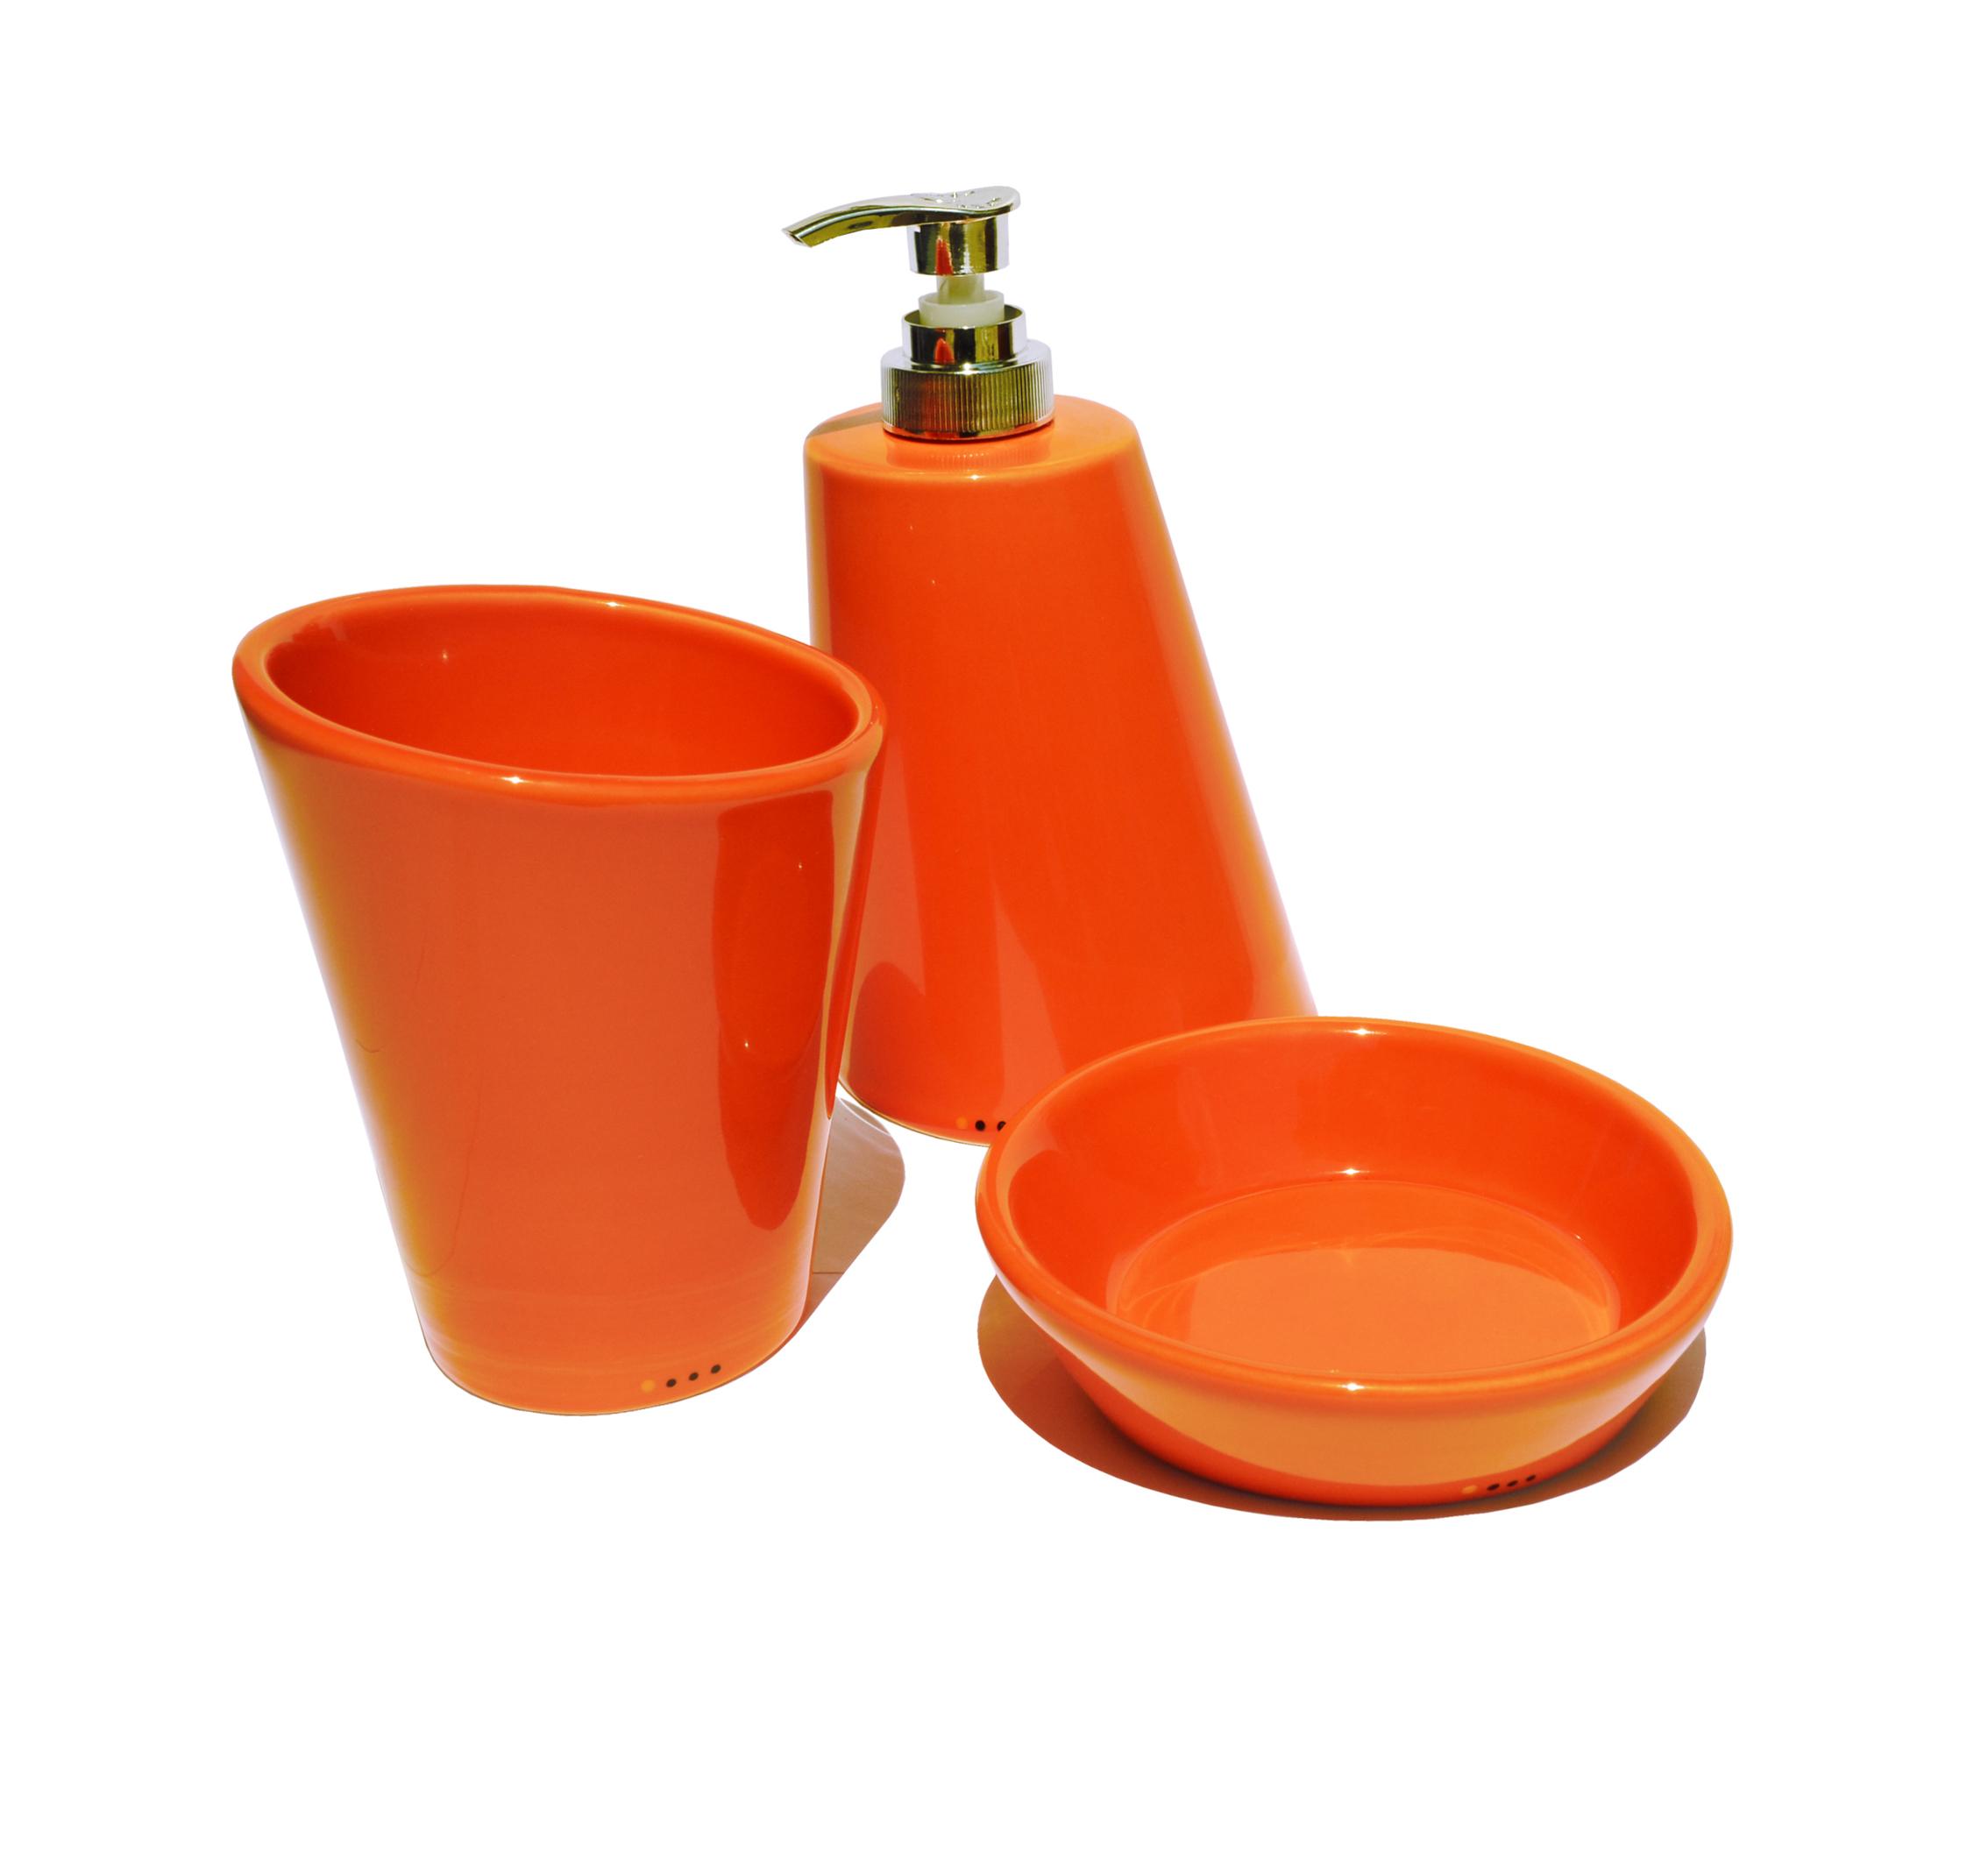 Produzione accessori e ricambi bagno compelmenti arredo - Produzione accessori bagno ...